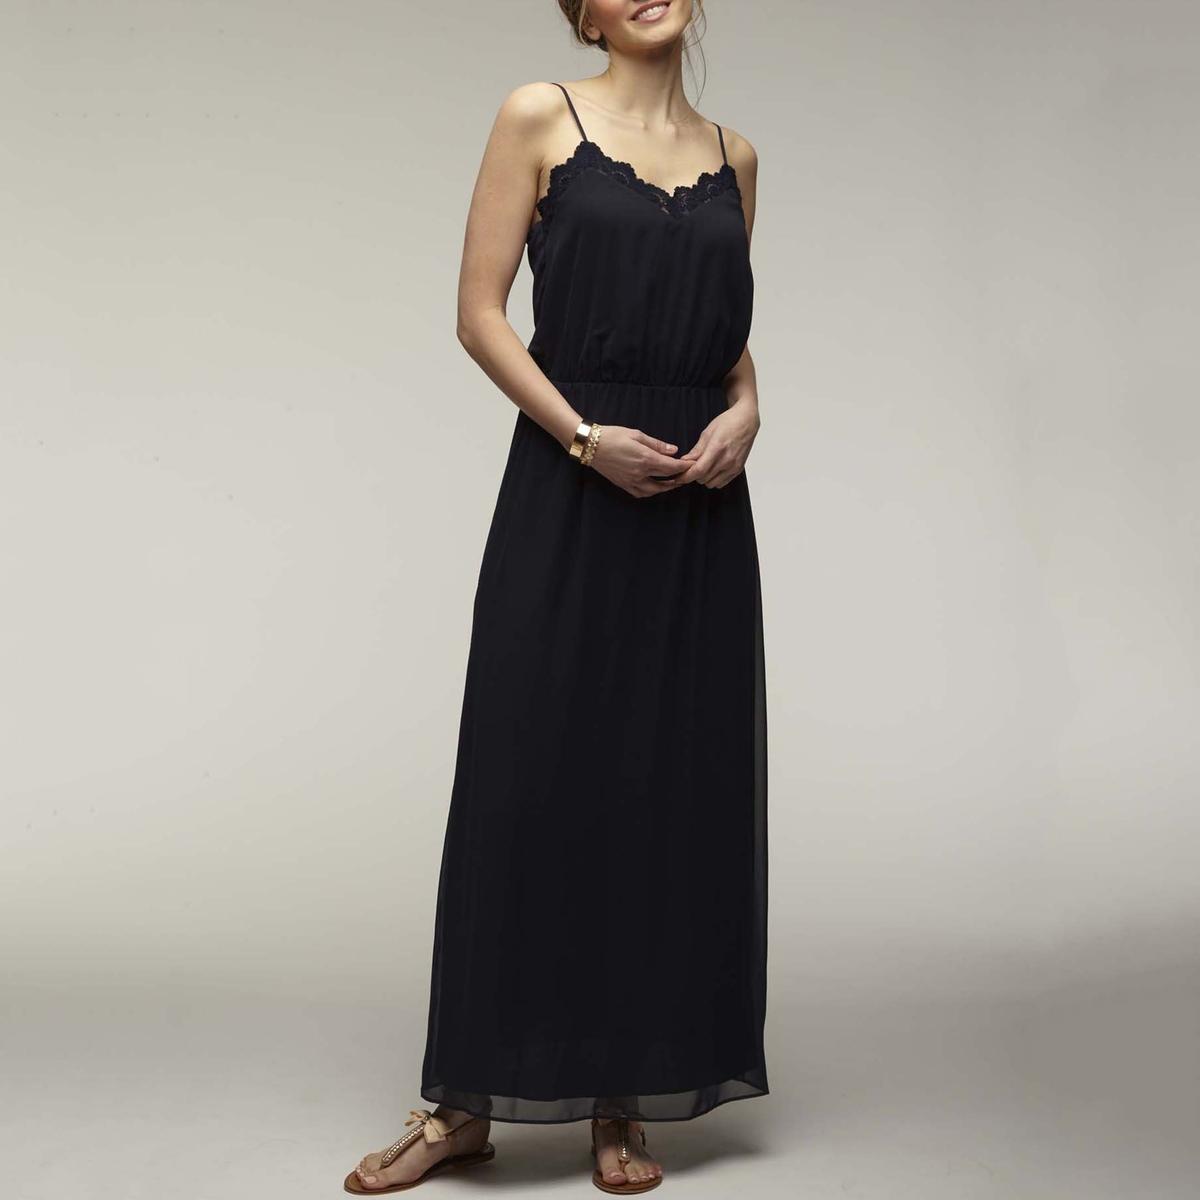 Платье La Redoute Длинное на тонких бретелях с кружевом на вырезе 38 (FR) - 44 (RUS) синий комплект из платья на тонких la redoute бретелях и топа 50 fr 56 rus синий